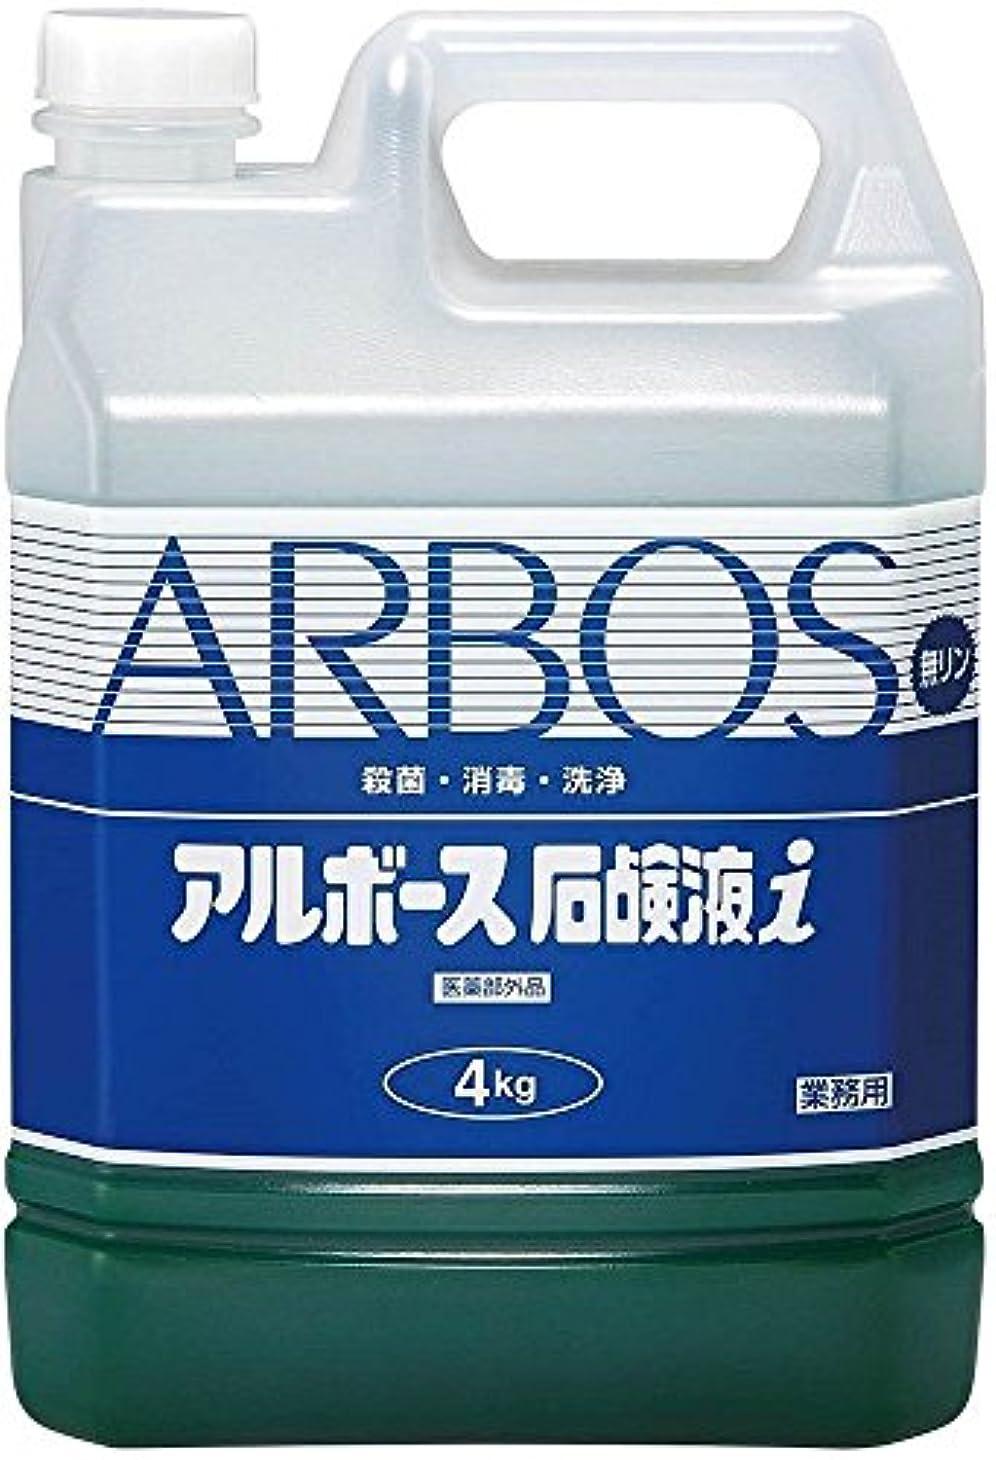 相談名門電化するテラモト アルボース石鹸液i 4kg SW-986-229-0 【まとめ買い3本セット】